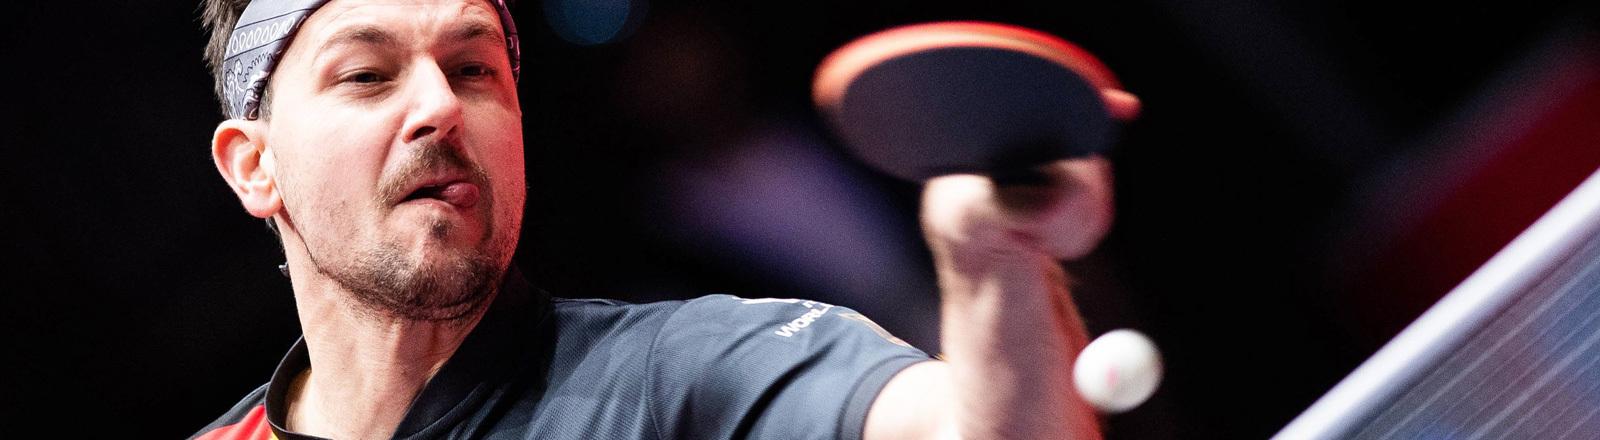 Timo Boll bei der Tischtennis-WM 2018 in Schweden.